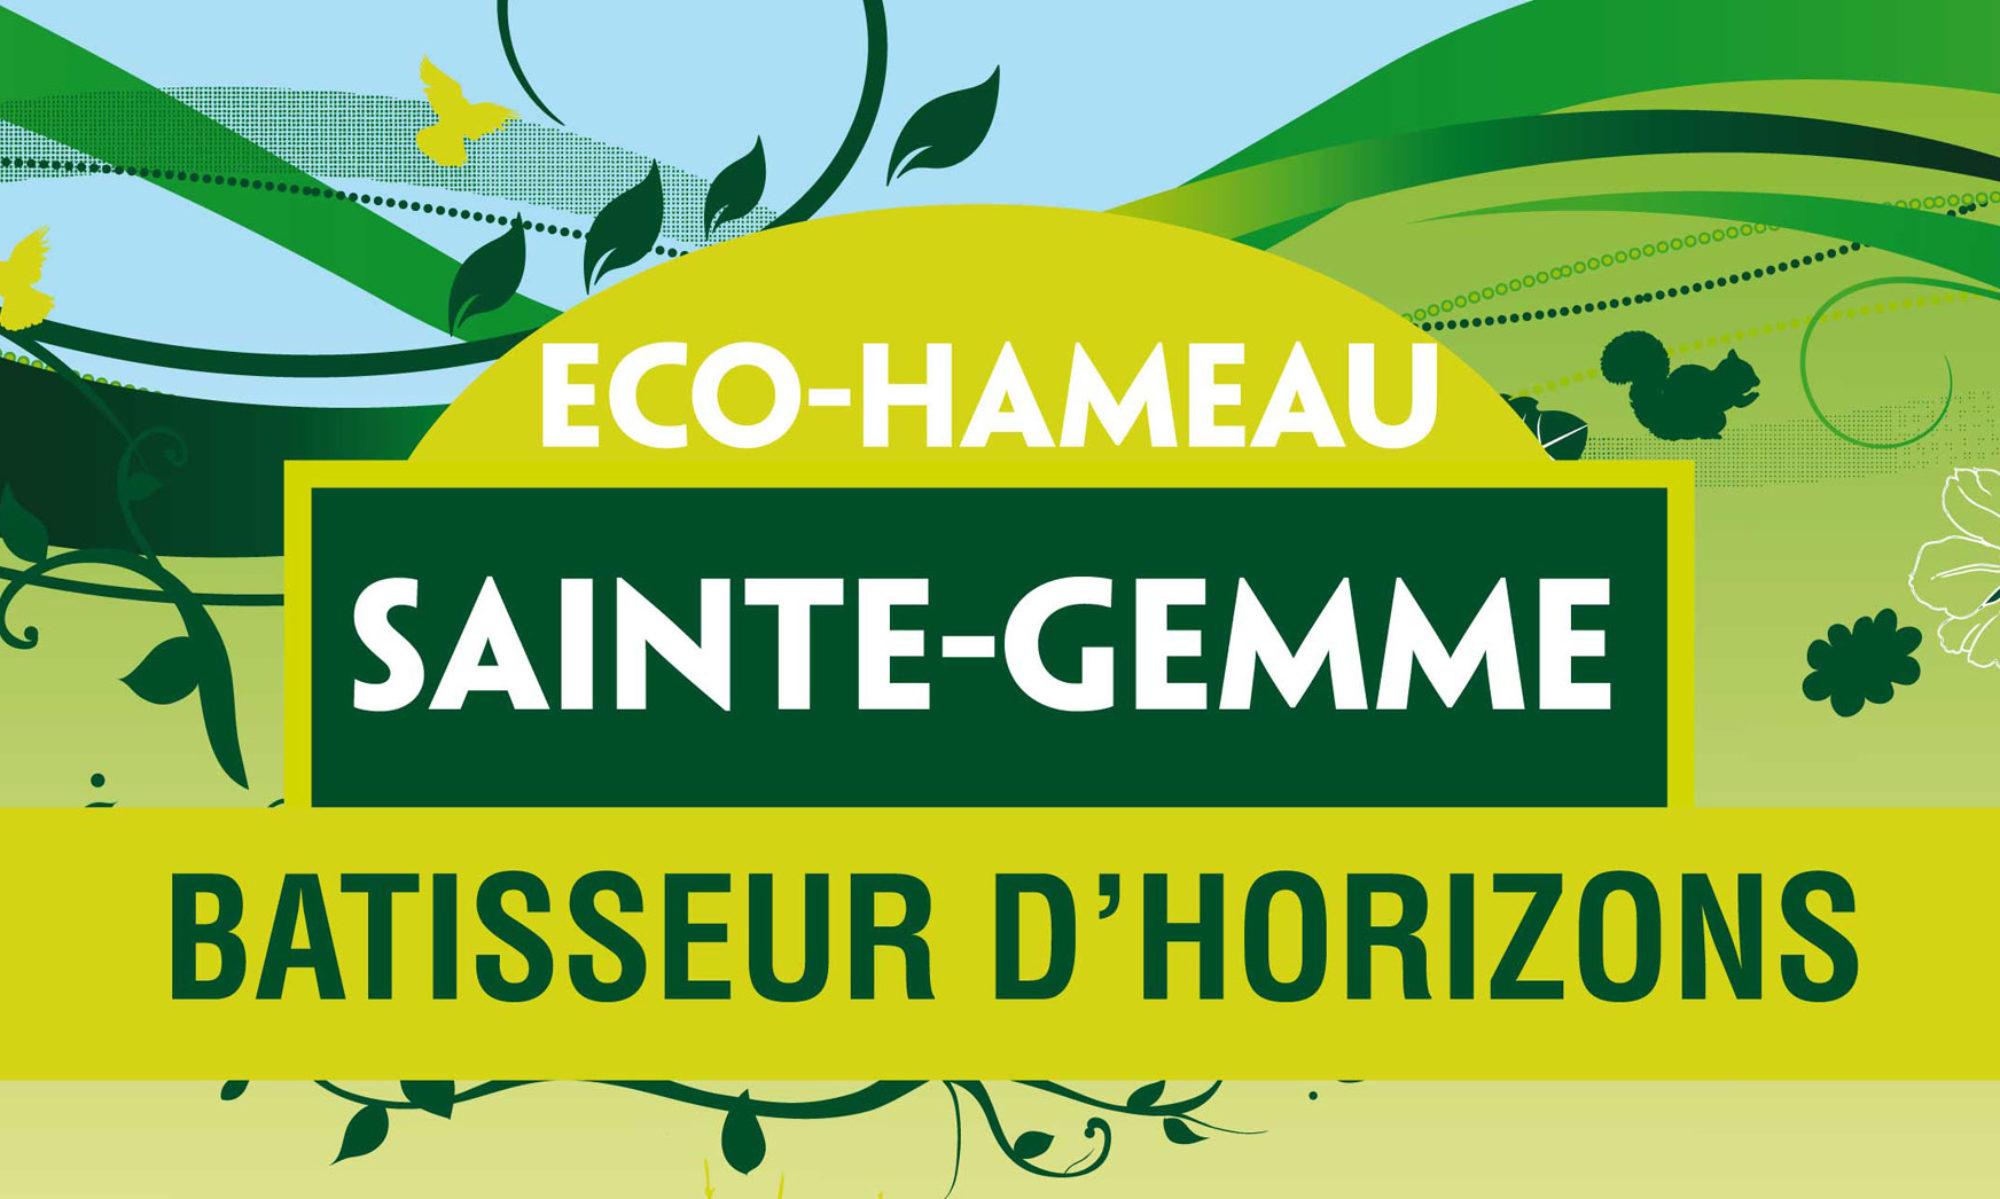 Association Bâtisseur d'Horizons eco-batisseur  bâtisseur horizons Indre Sainte-Gemme eco bâtisseur